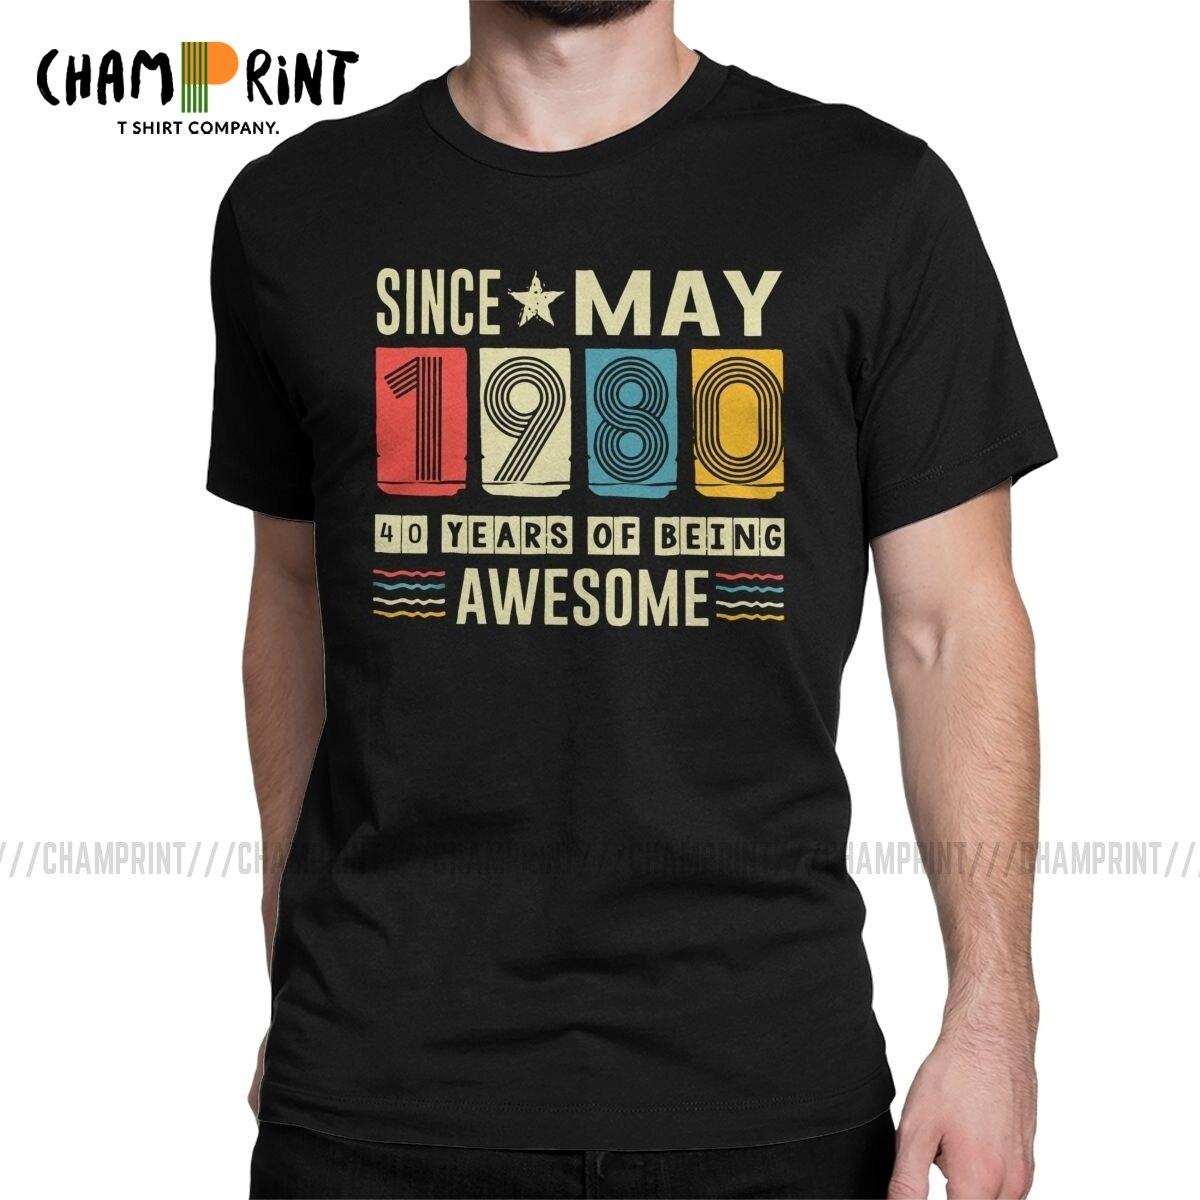 Impresionante camiseta Vintage de hombre desde mayo de 1980, ropa de algodón puro, única, 40 años de edad, 40 años de edad, camiseta Gif, nueva llegada